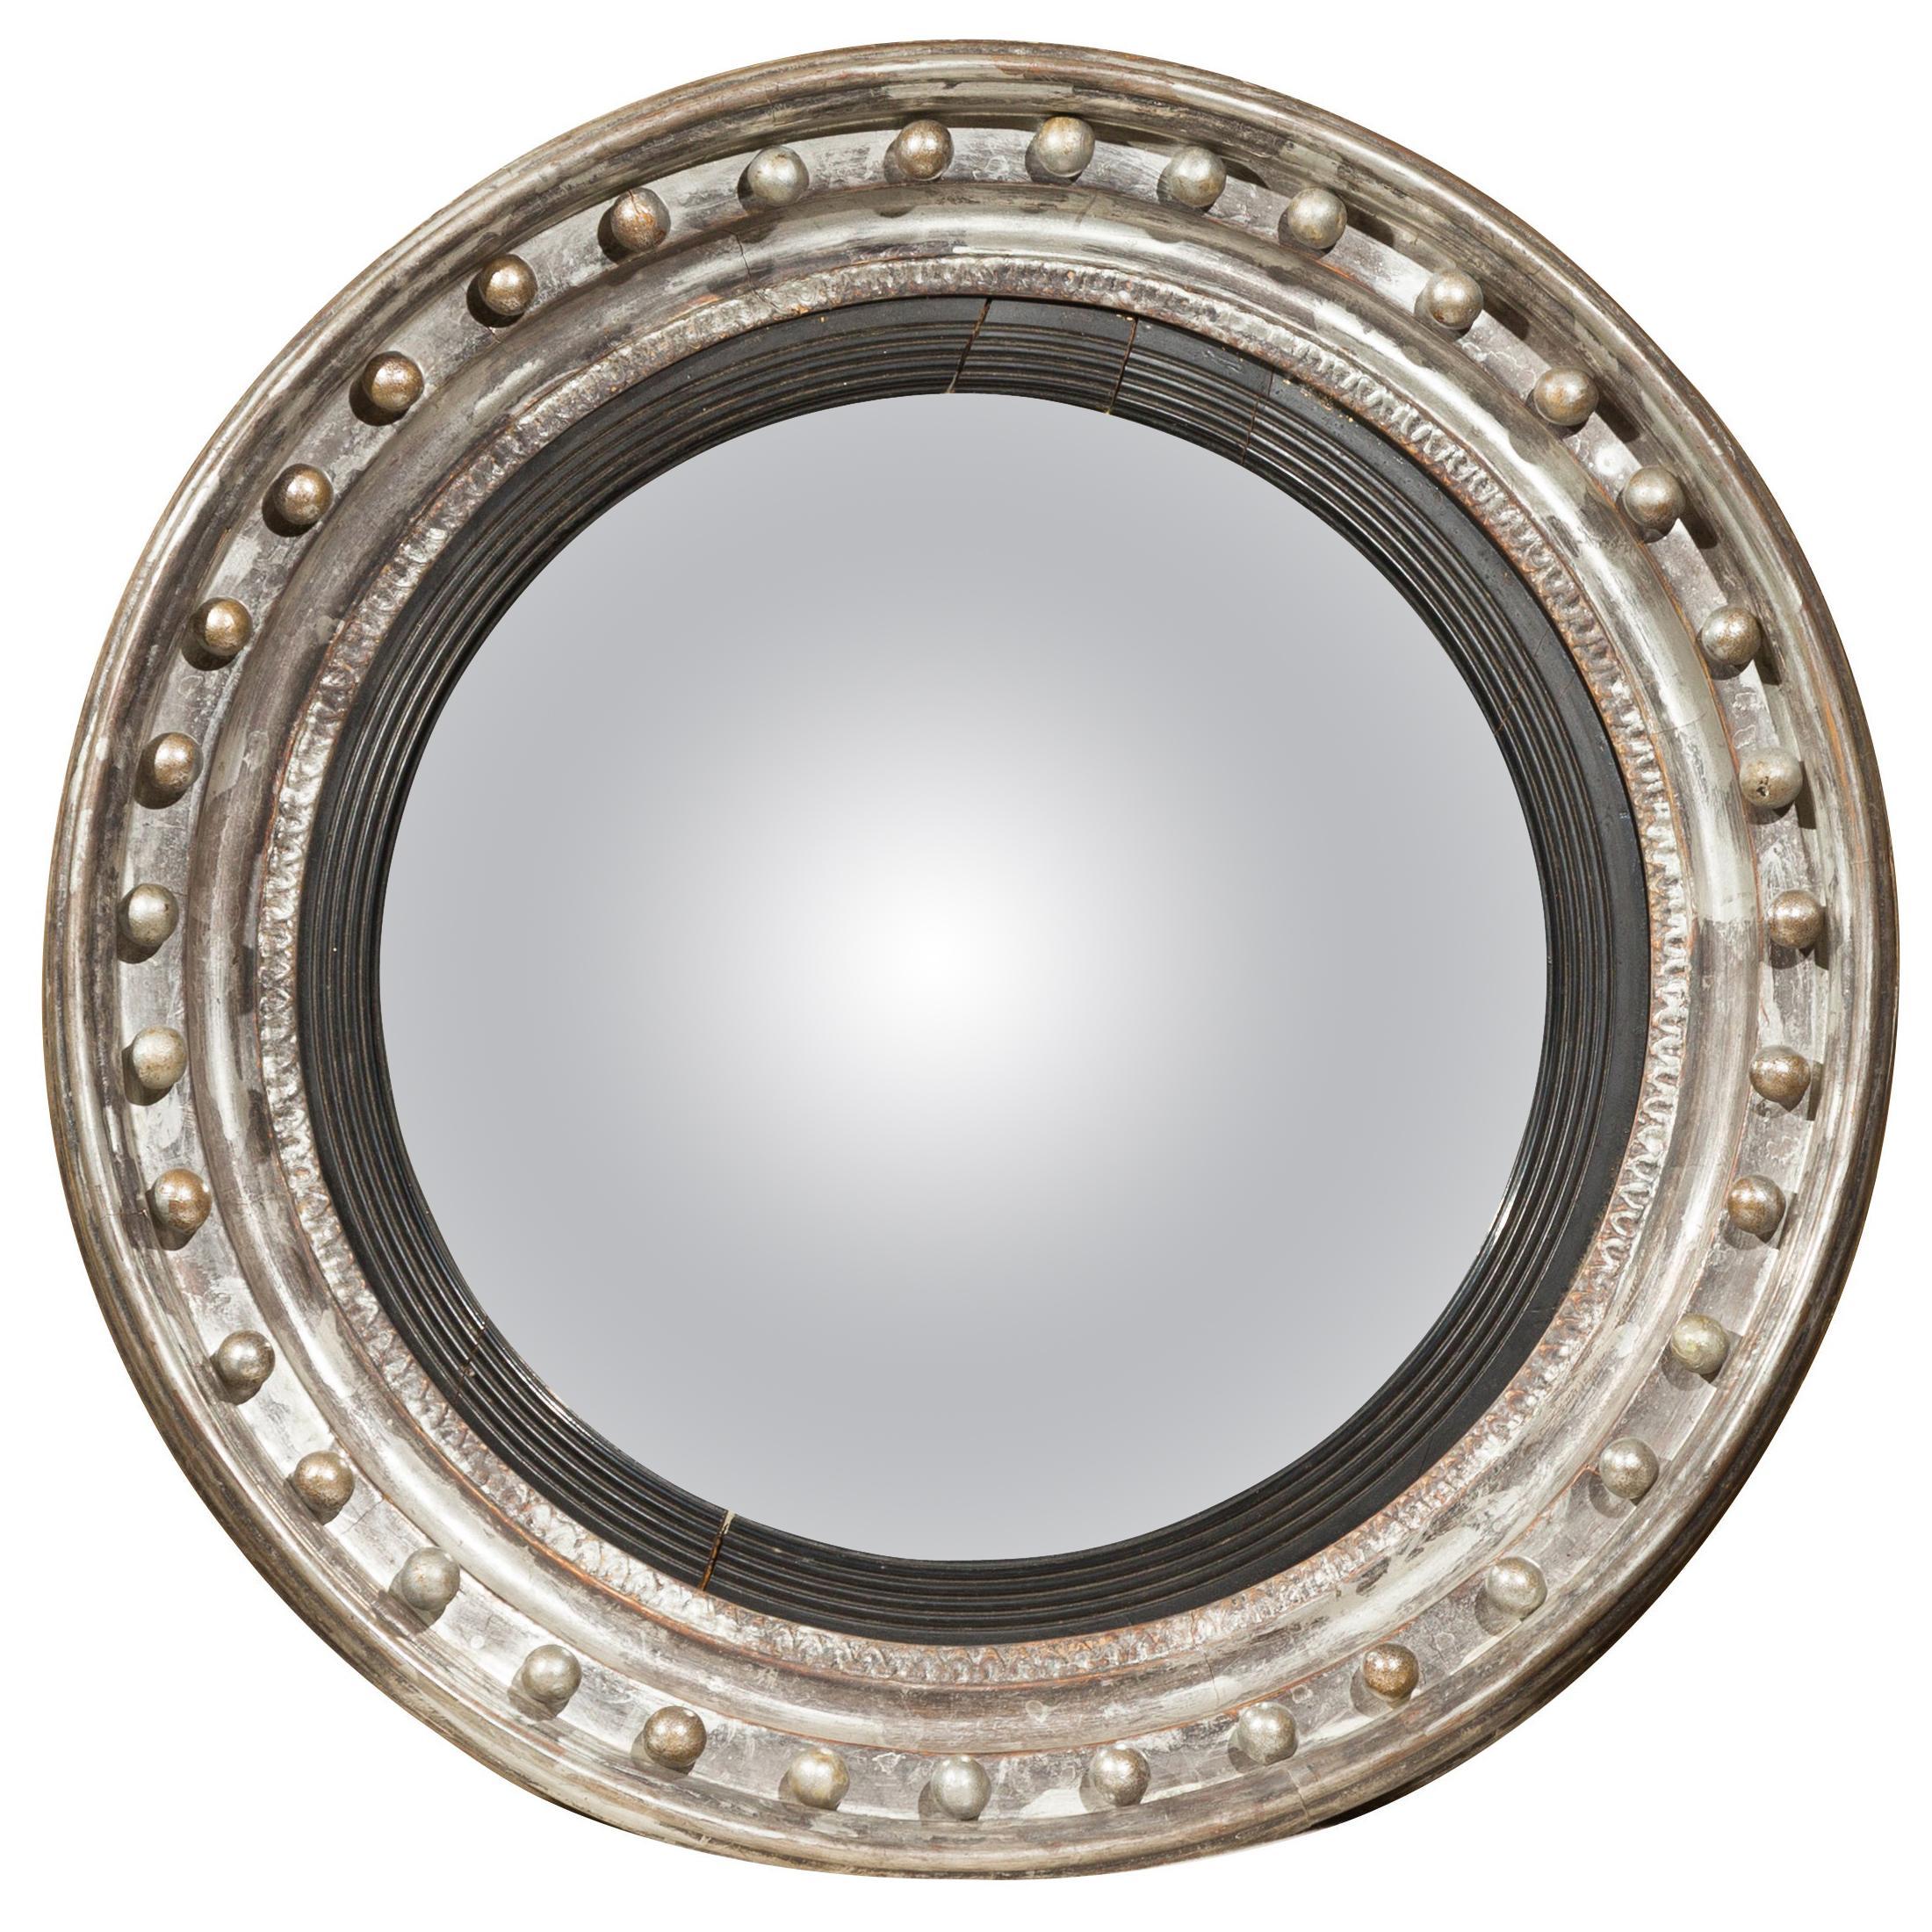 English 1860s Silver Leaf and Ebonized Wood Girandole Bull's-Eye Convex Mirror